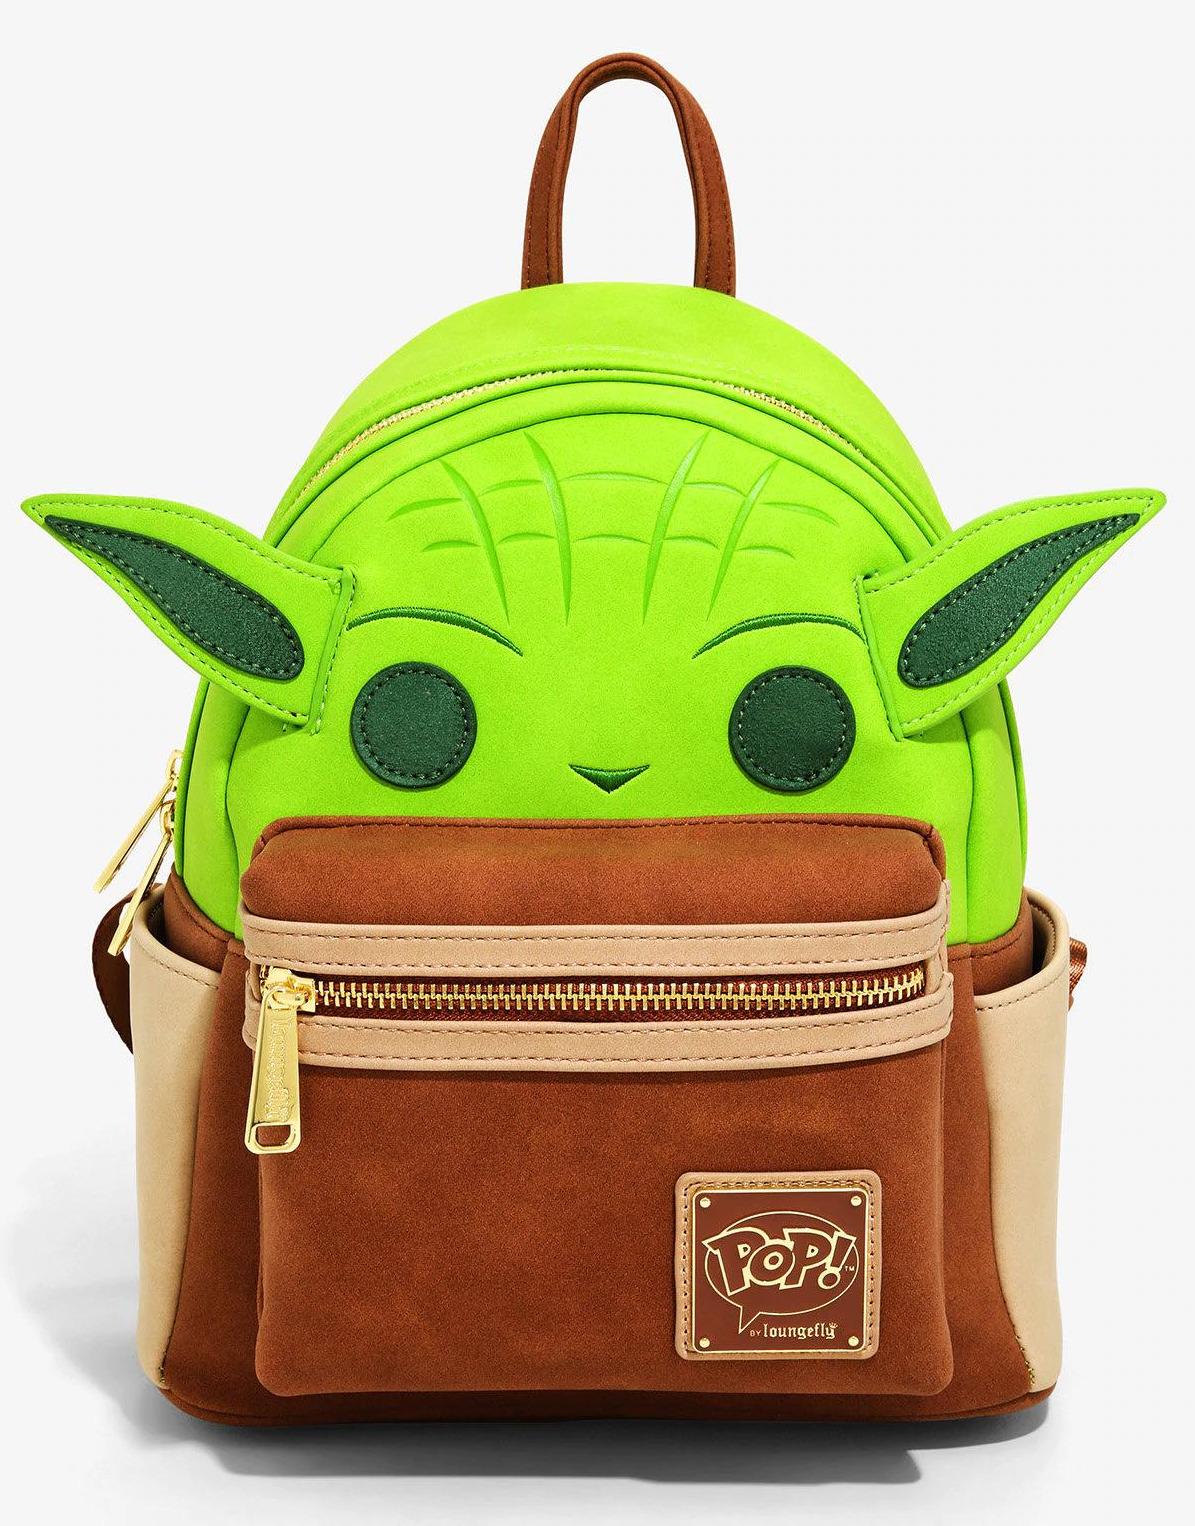 Batoh Star Wars - Yoda (Loungefly) (PC)